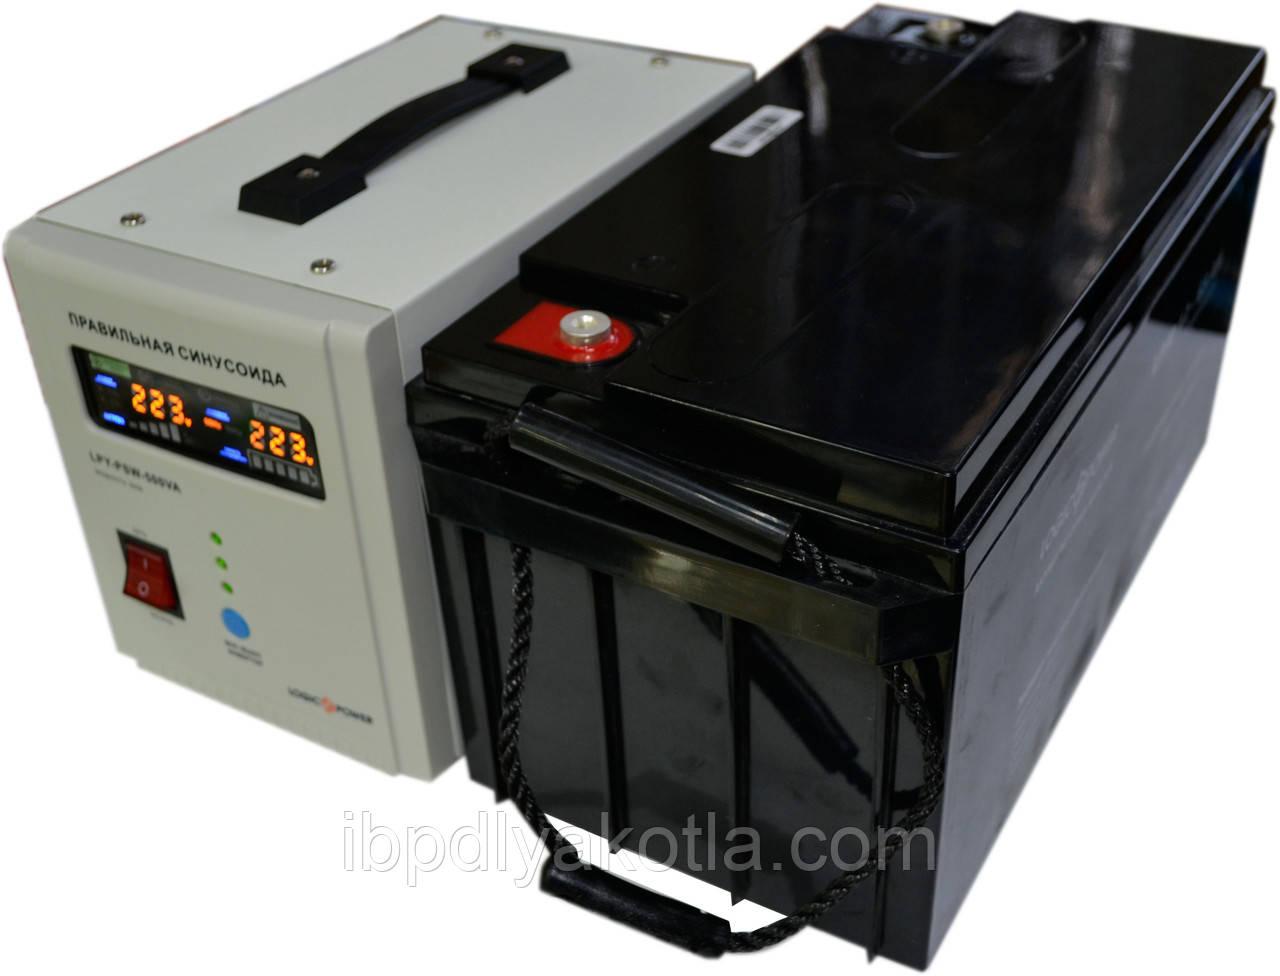 Комплект резервного питания ИБП Logicpower LPY-PSW-500 + АКБ LPM12-100 для 7-12ч работы газового котла